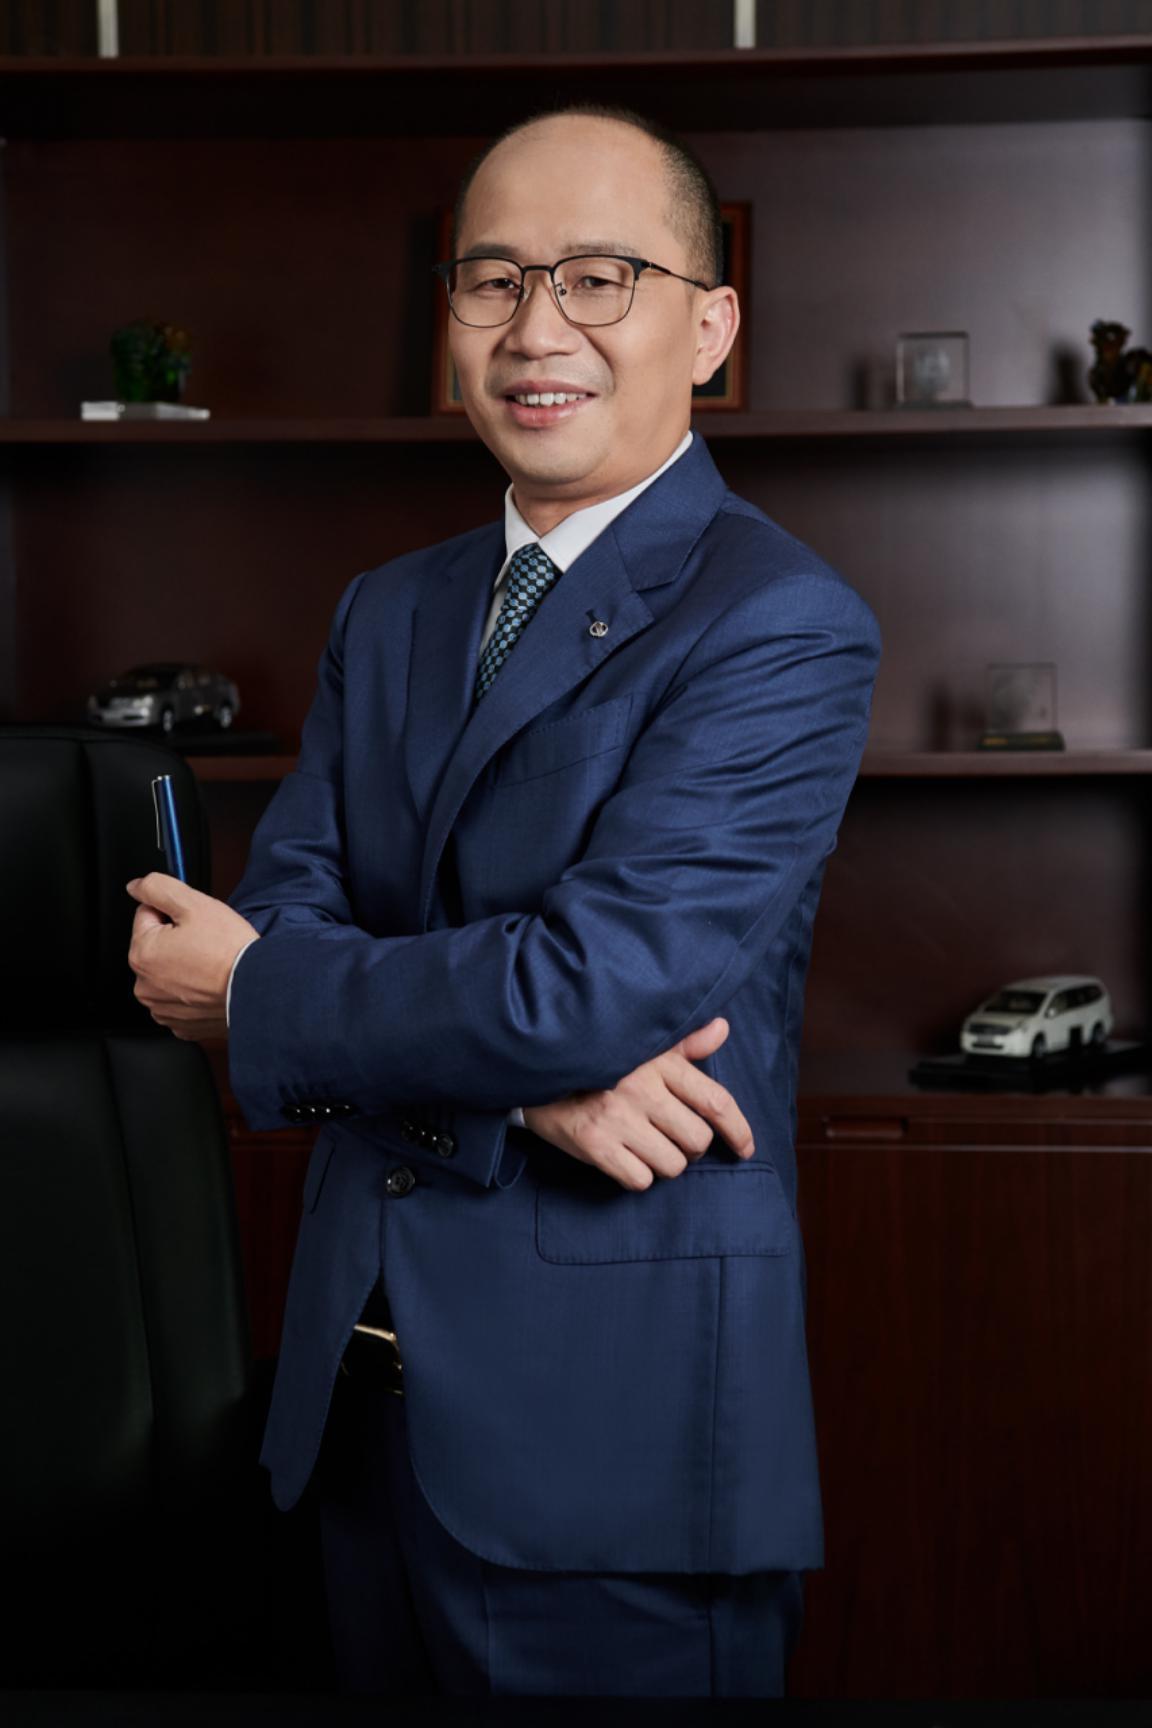 《隋唐演义》宇文成都虐心 陈昊:没有情就不算人_网易新闻